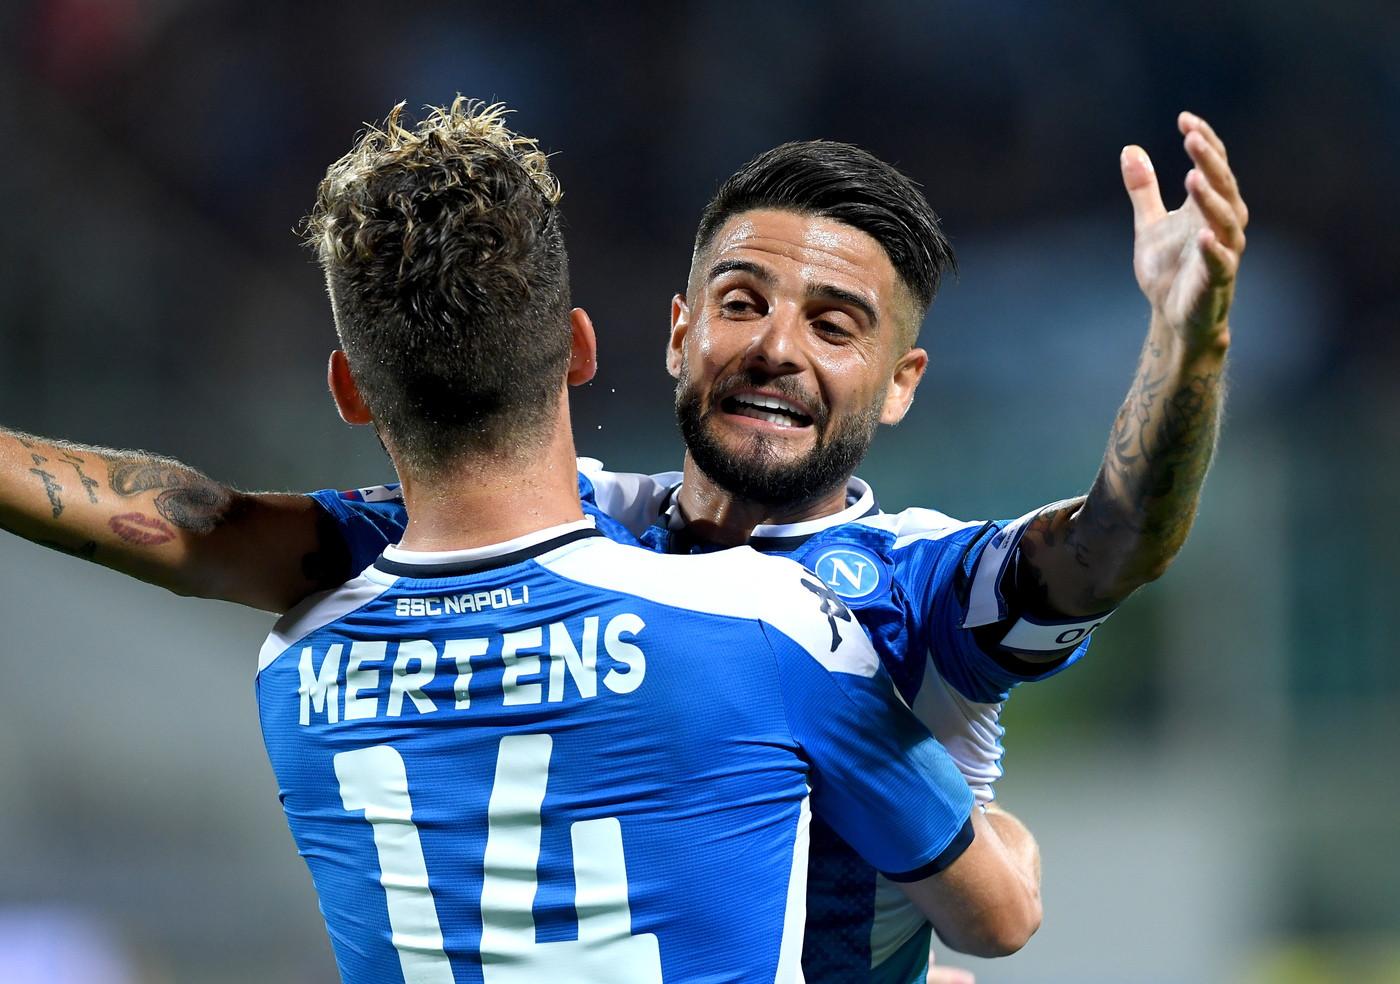 Nel 2° posticipo della 1a giornata di Serie A, il Napoli batte 4-3 la Fiorentina e tiene il passo della Juve. Al Franchi nei primi 30' c'è in campo solo la Viola, che sblocca il match al 9' con Pulgar (rigore). Mertens sveglia gli azzurri al 38' e poi si procura il rigore del sorpasso realizzato da Insigne (43'). Nella ripresa pari di Milenkovic (52'), Callejon fa 3-2 (56'), Boateng beffa Meret (65') prima del gol-vittoria di Insigne (67'). Debutto per Ribery.